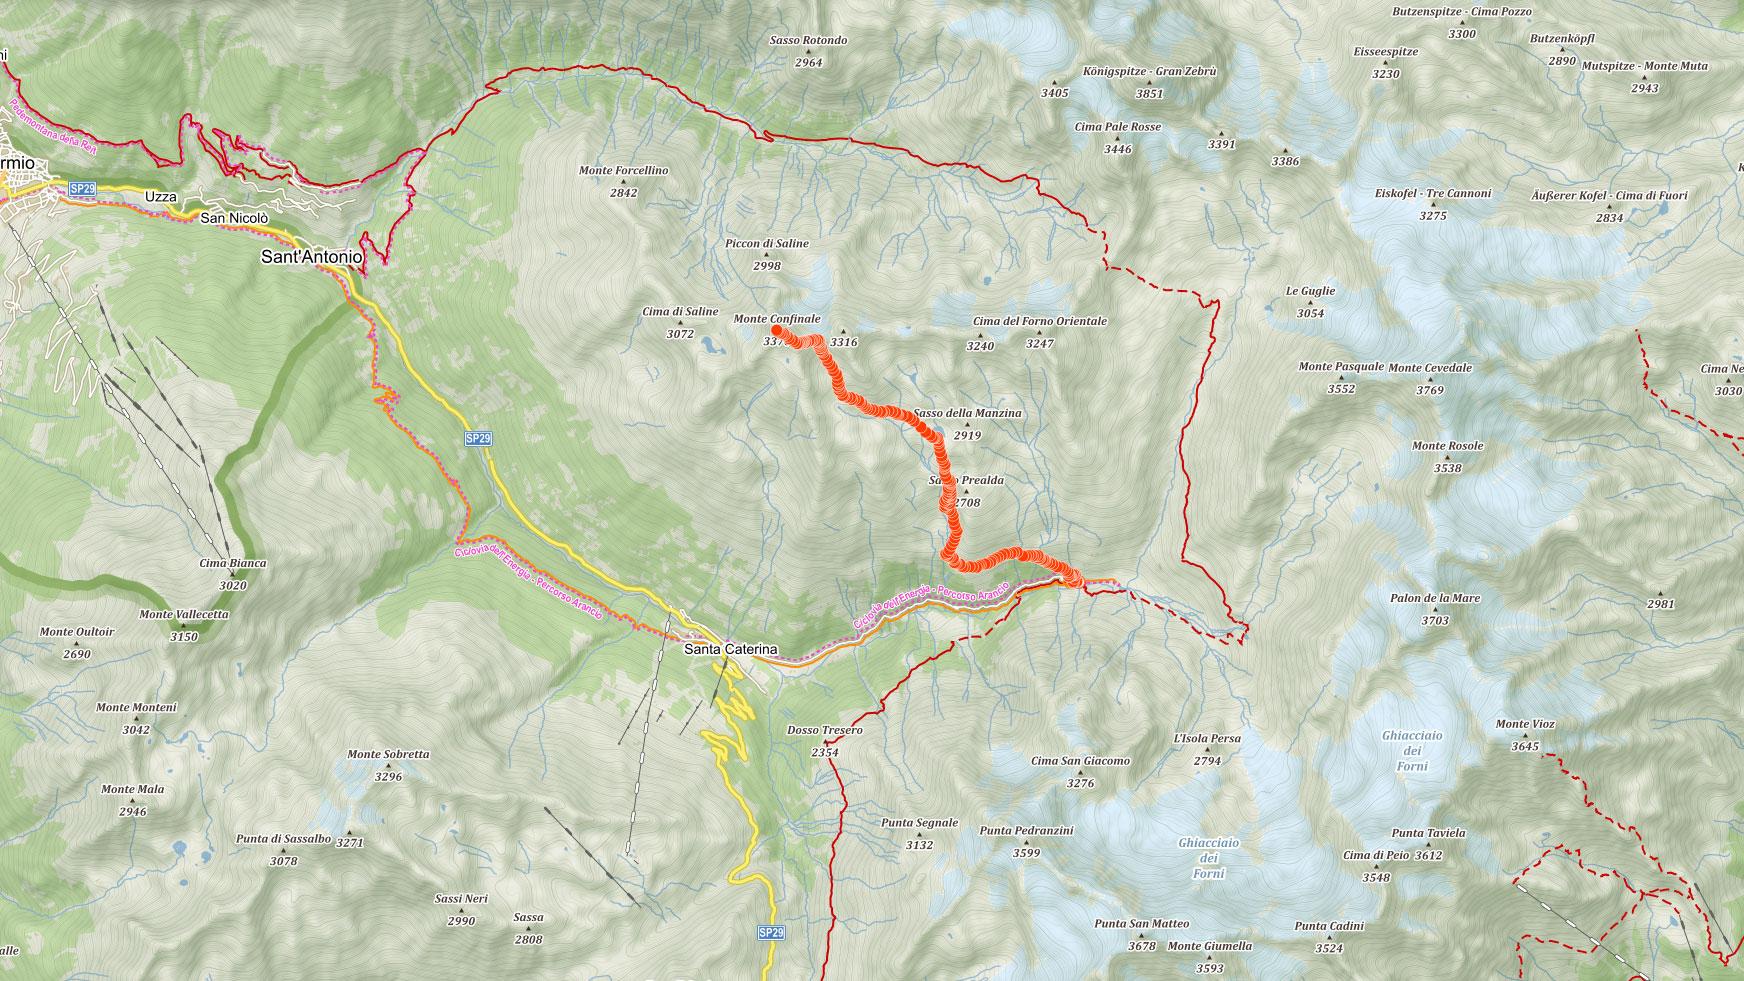 Mapa výstupu na Monte Confinale v Ortles v italských Alpách